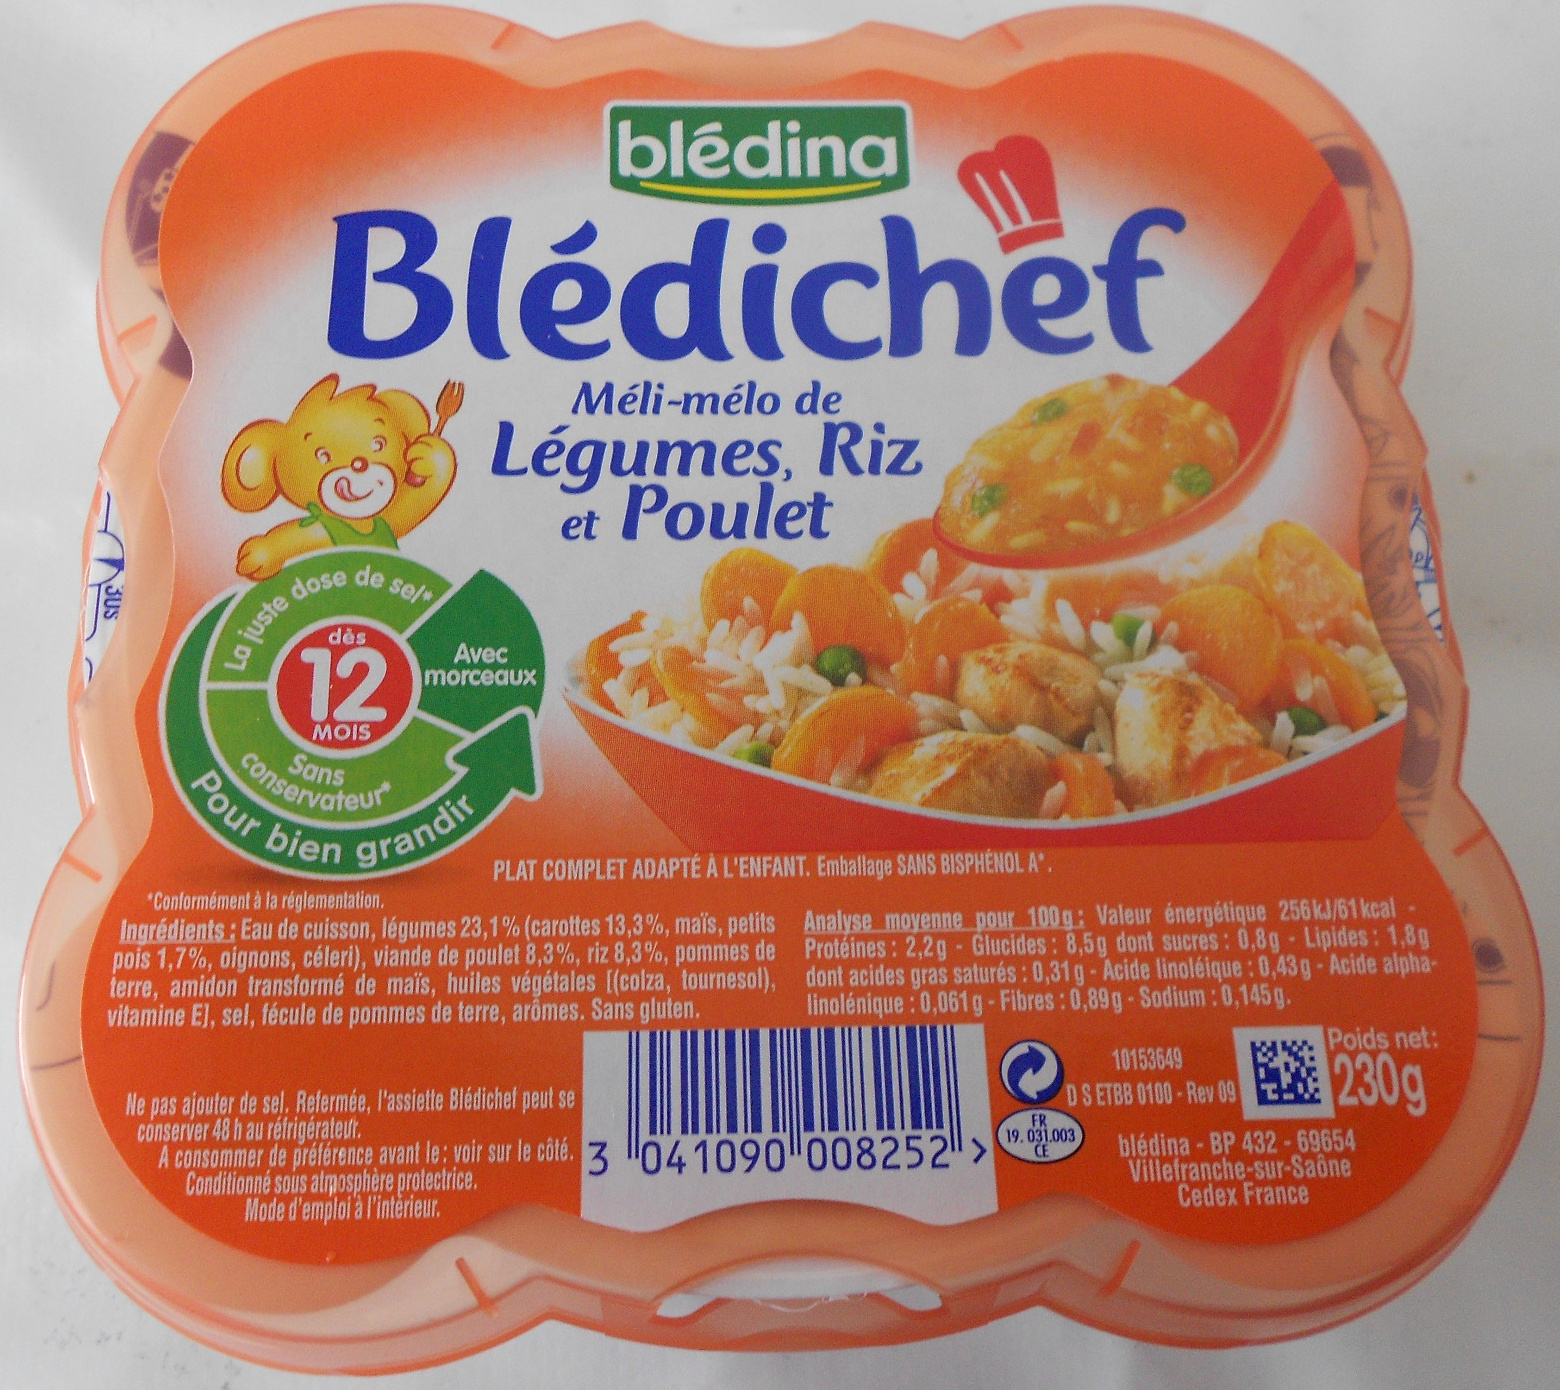 Blédichef Méli-mélo de légumes, riz et poulet - Product